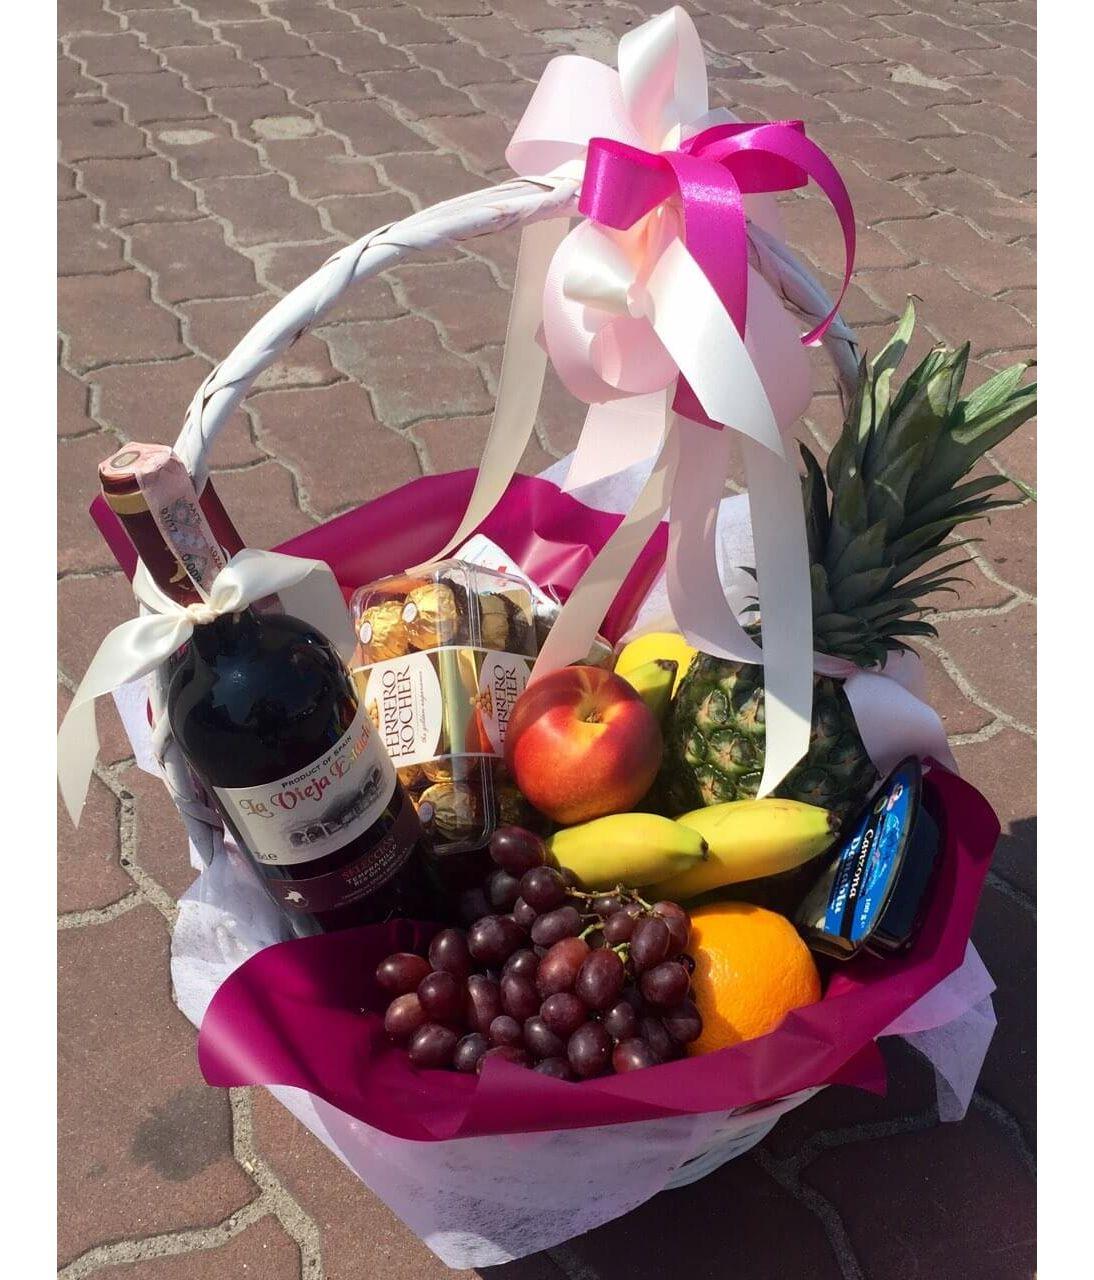 """Подарочная корзина с фруктами """"Праздничный день"""". Superflowers.com.ua. Купить фрукты в подарочной корзине с доставкой"""